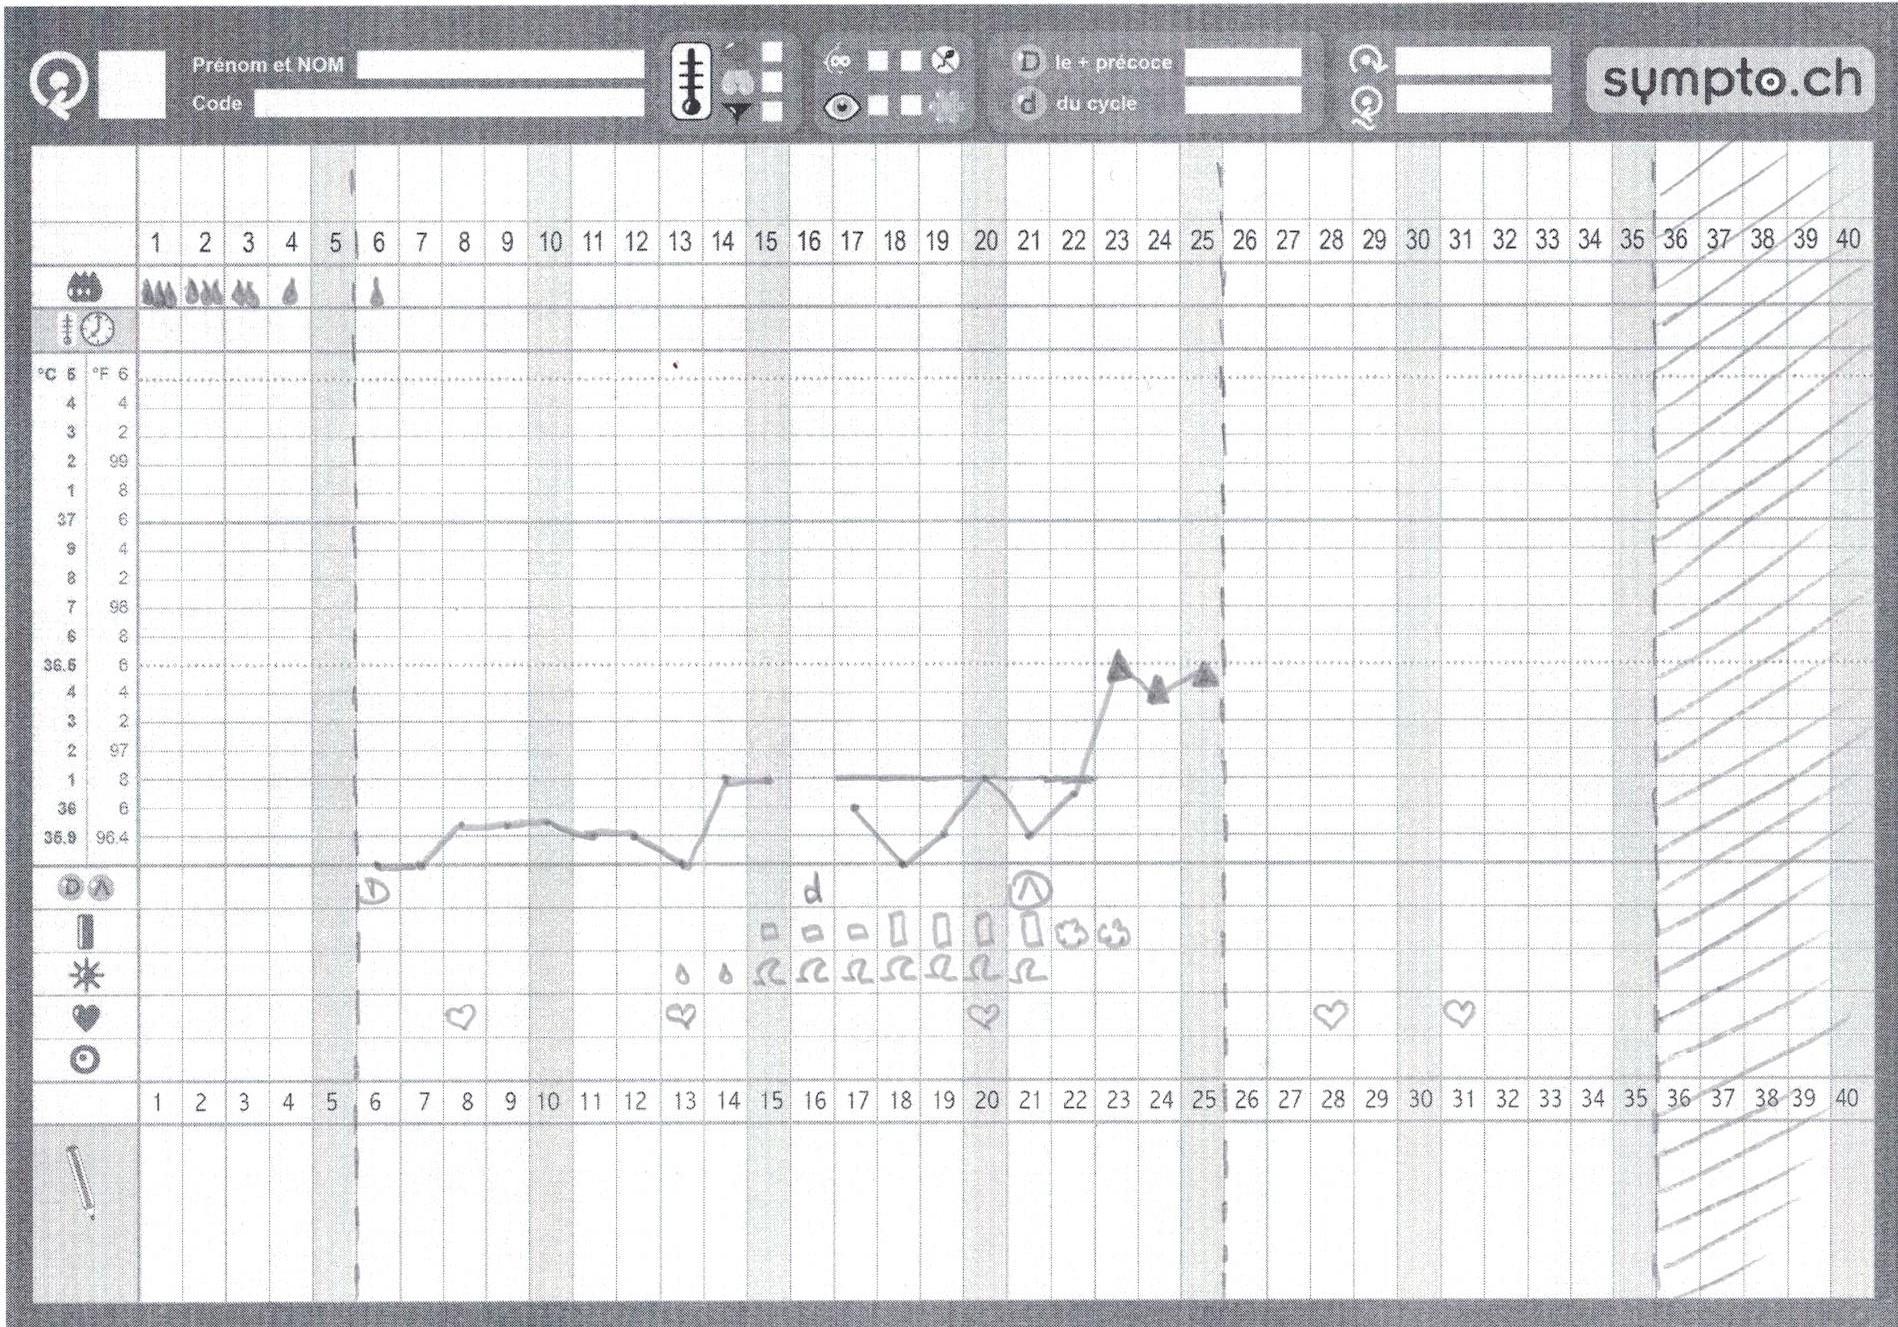 Voici à quoi ressemble une montée tardive de température en symptothermie.